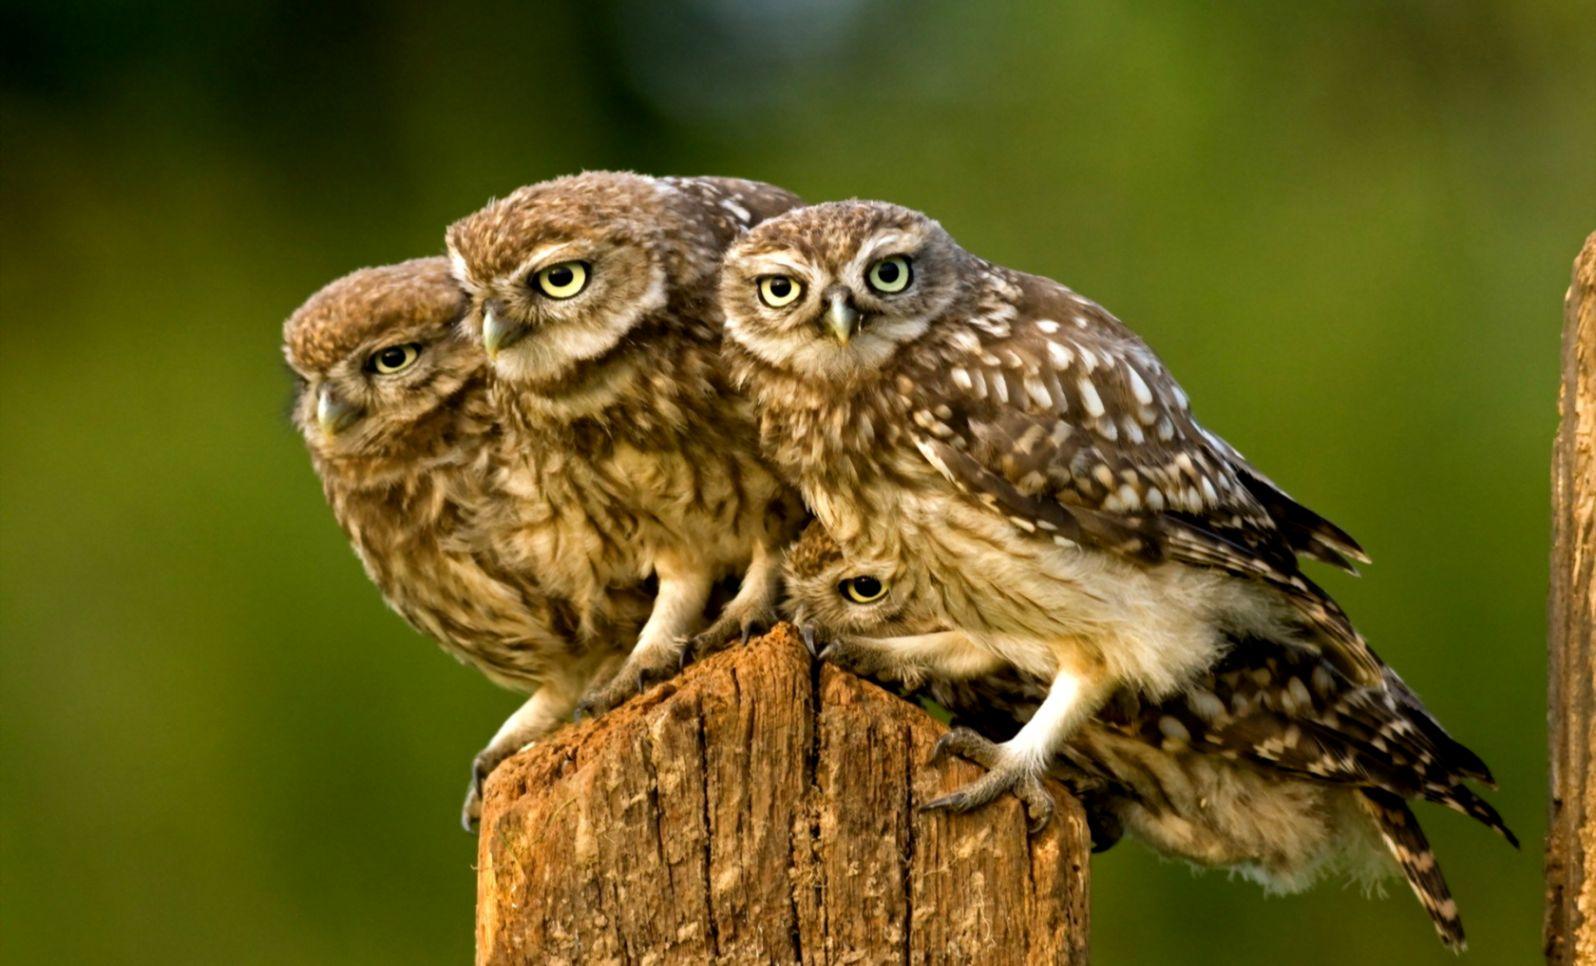 Owl Bird Nature Landscape HD POSTER